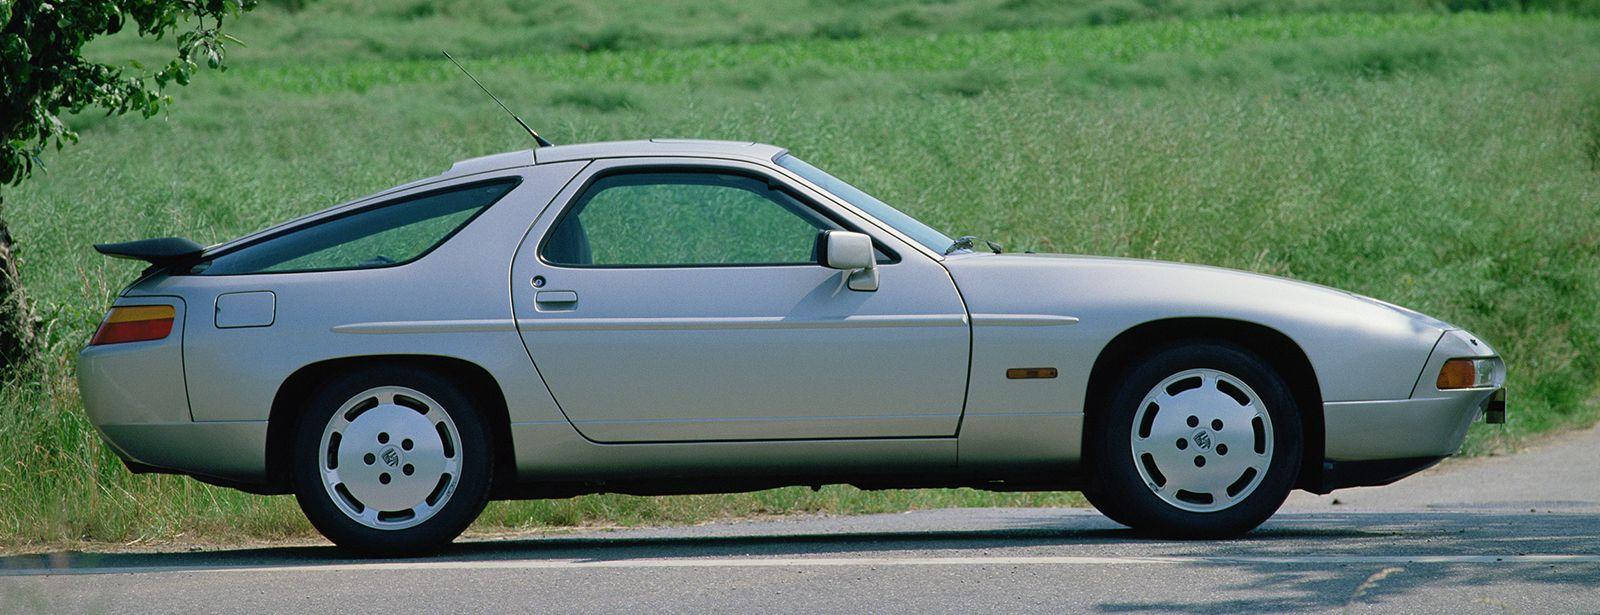 Porsche 928 1978-1995